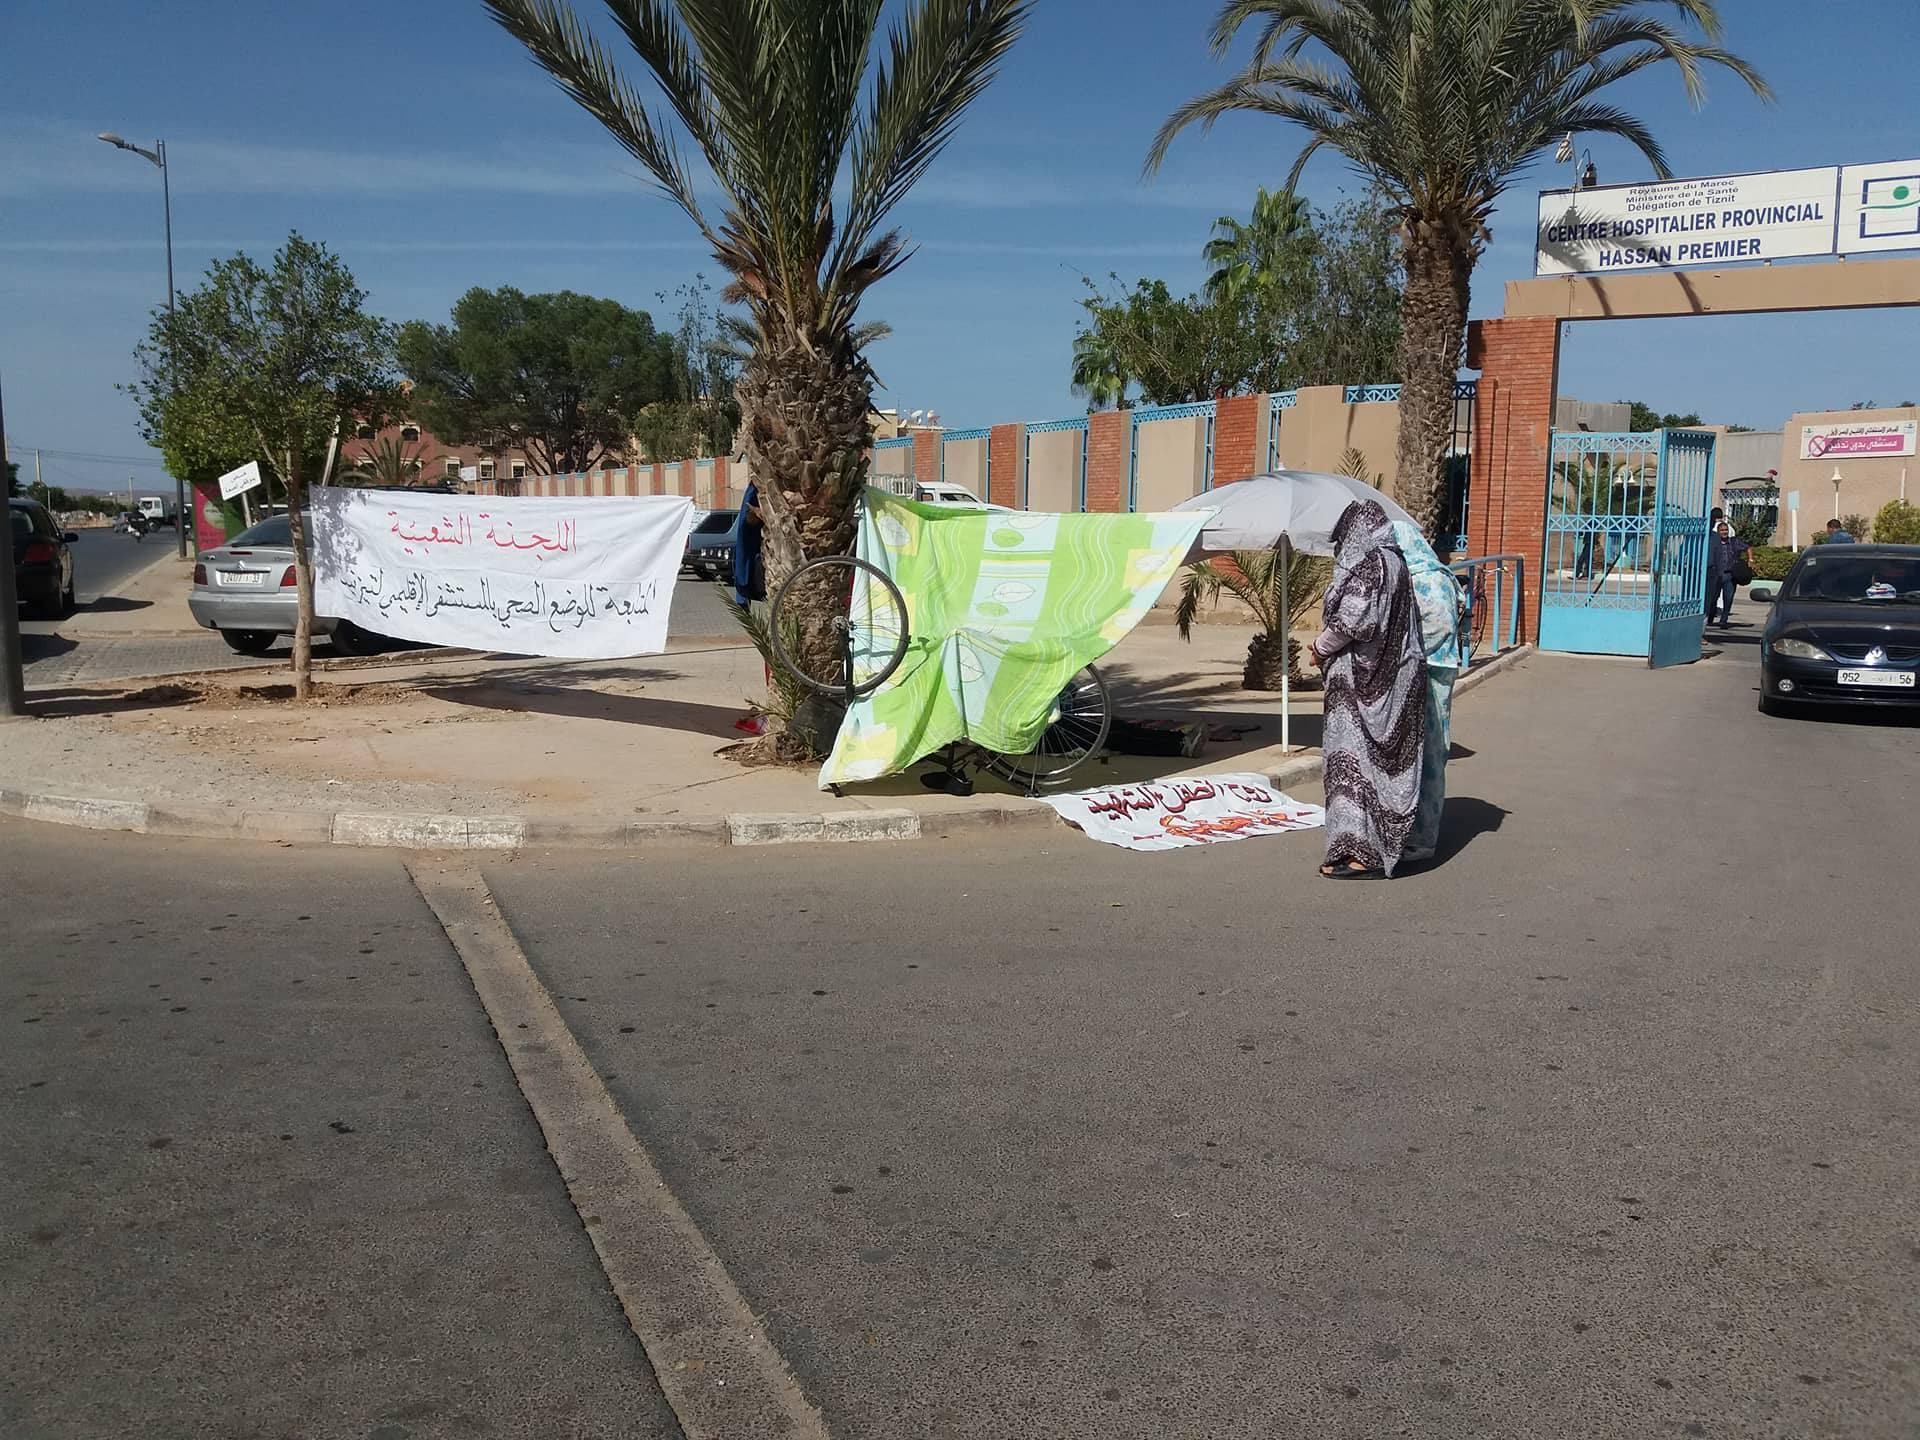 إعتصام أعضاء اللجنة الشعبية المتابعة للوضع الصحي بالمستشفى الإقليمي لتيزنيت